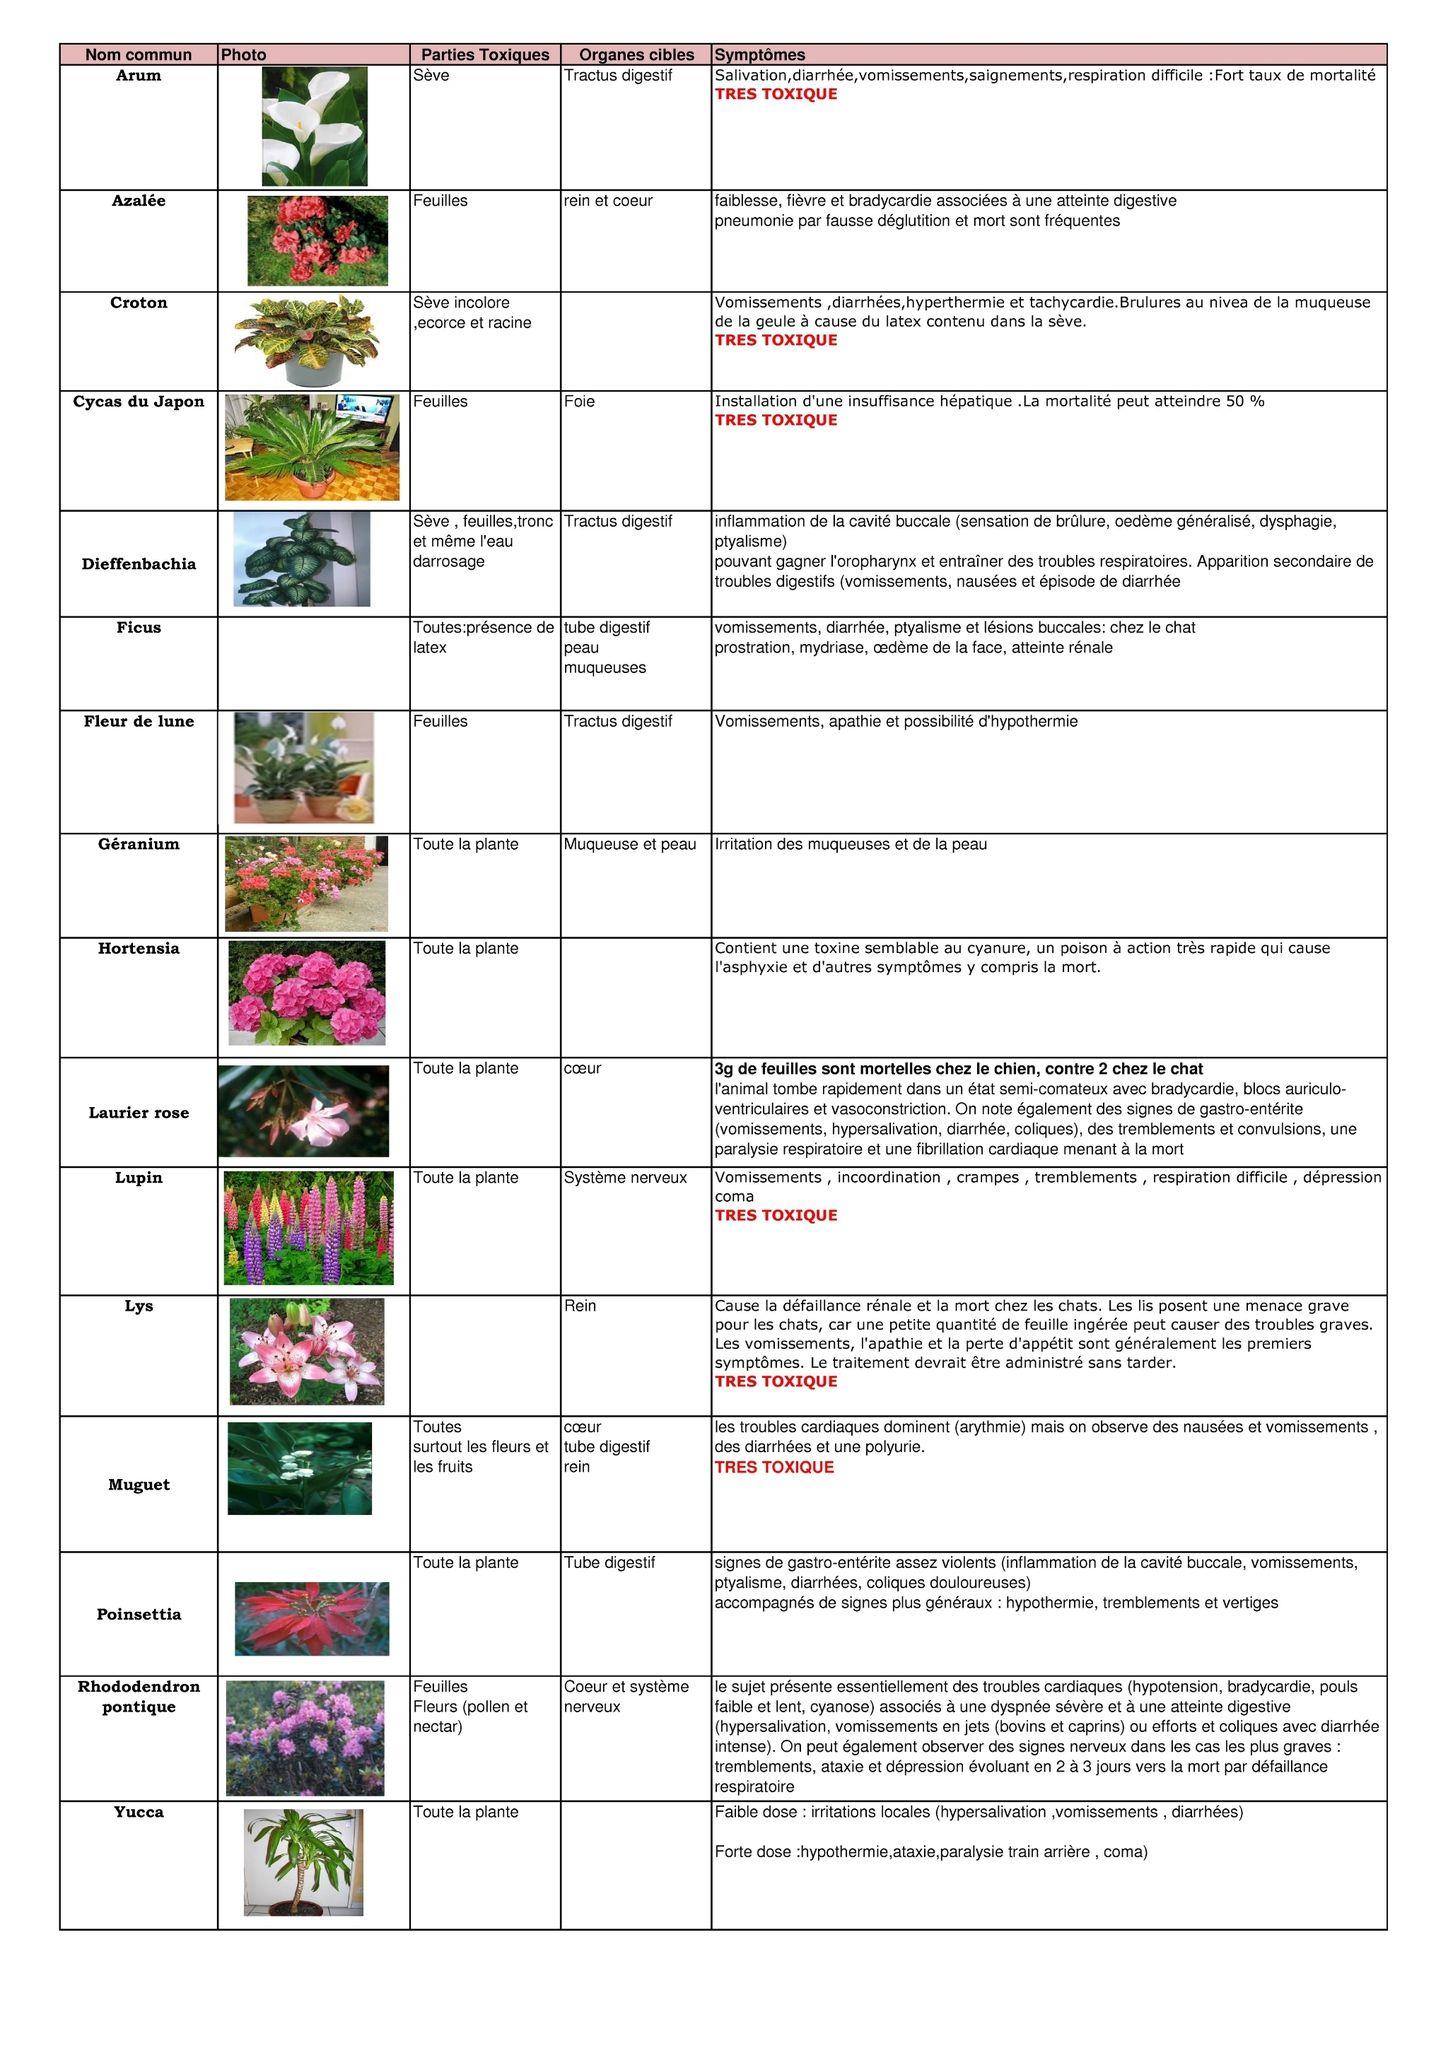 Beau Plantes Non Toxiques Pour Les Chats #12: Les Plantes Toxiques Pour Les Chats - Abyssins Du0027Abystyle